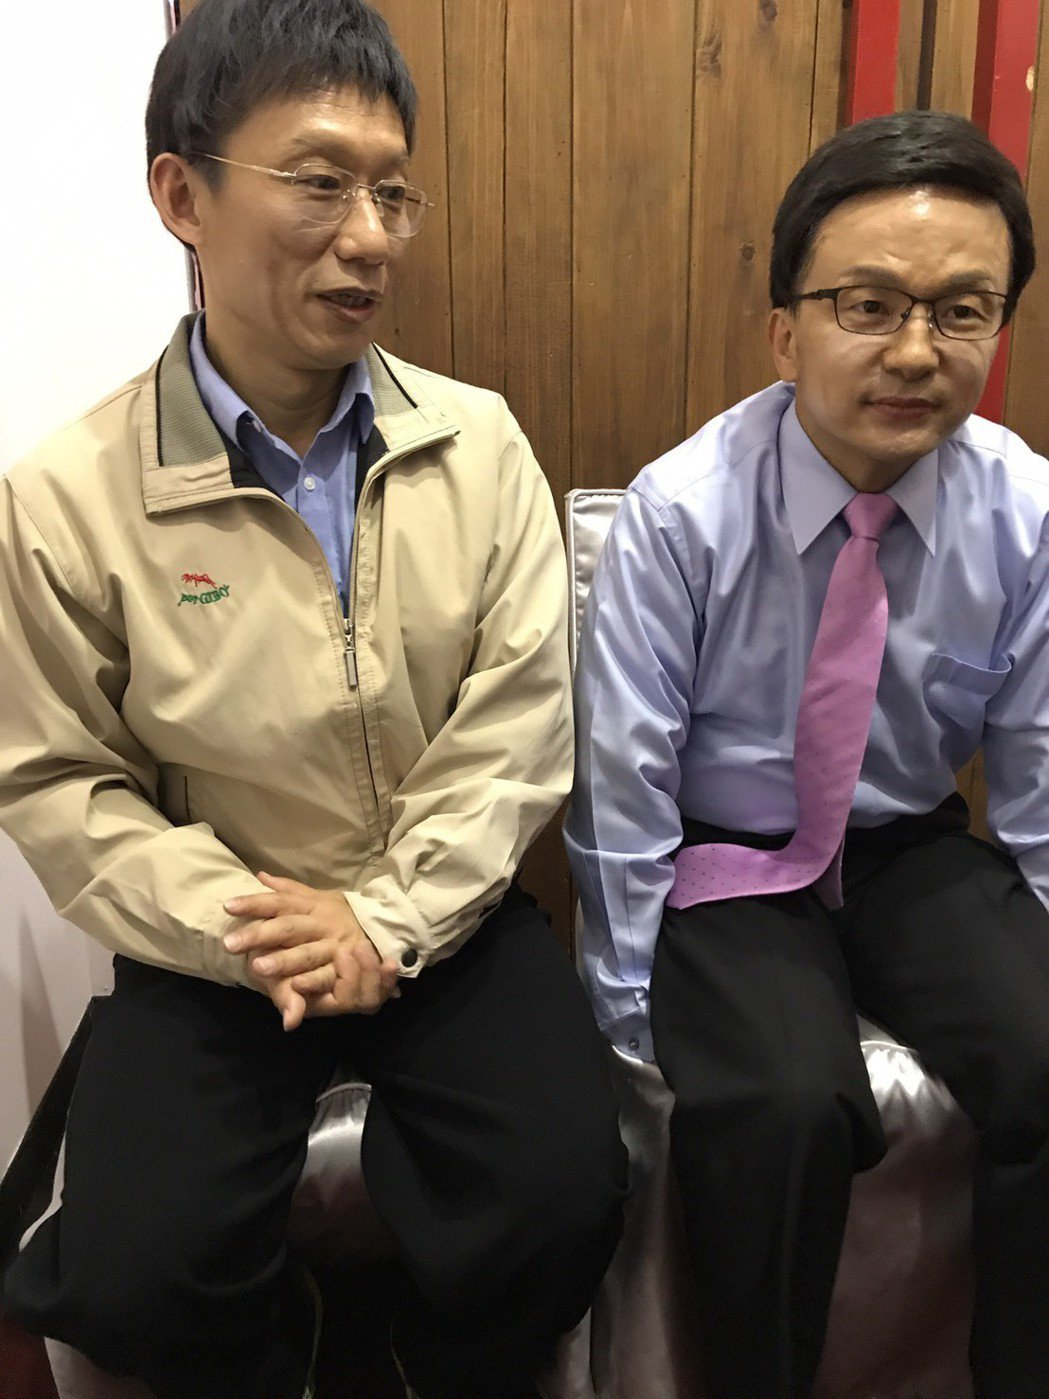 唐從聖(右)正式加入模仿台北市長候選人行列,和郭子乾一起分碗飯吃。記者葉君遠/攝...